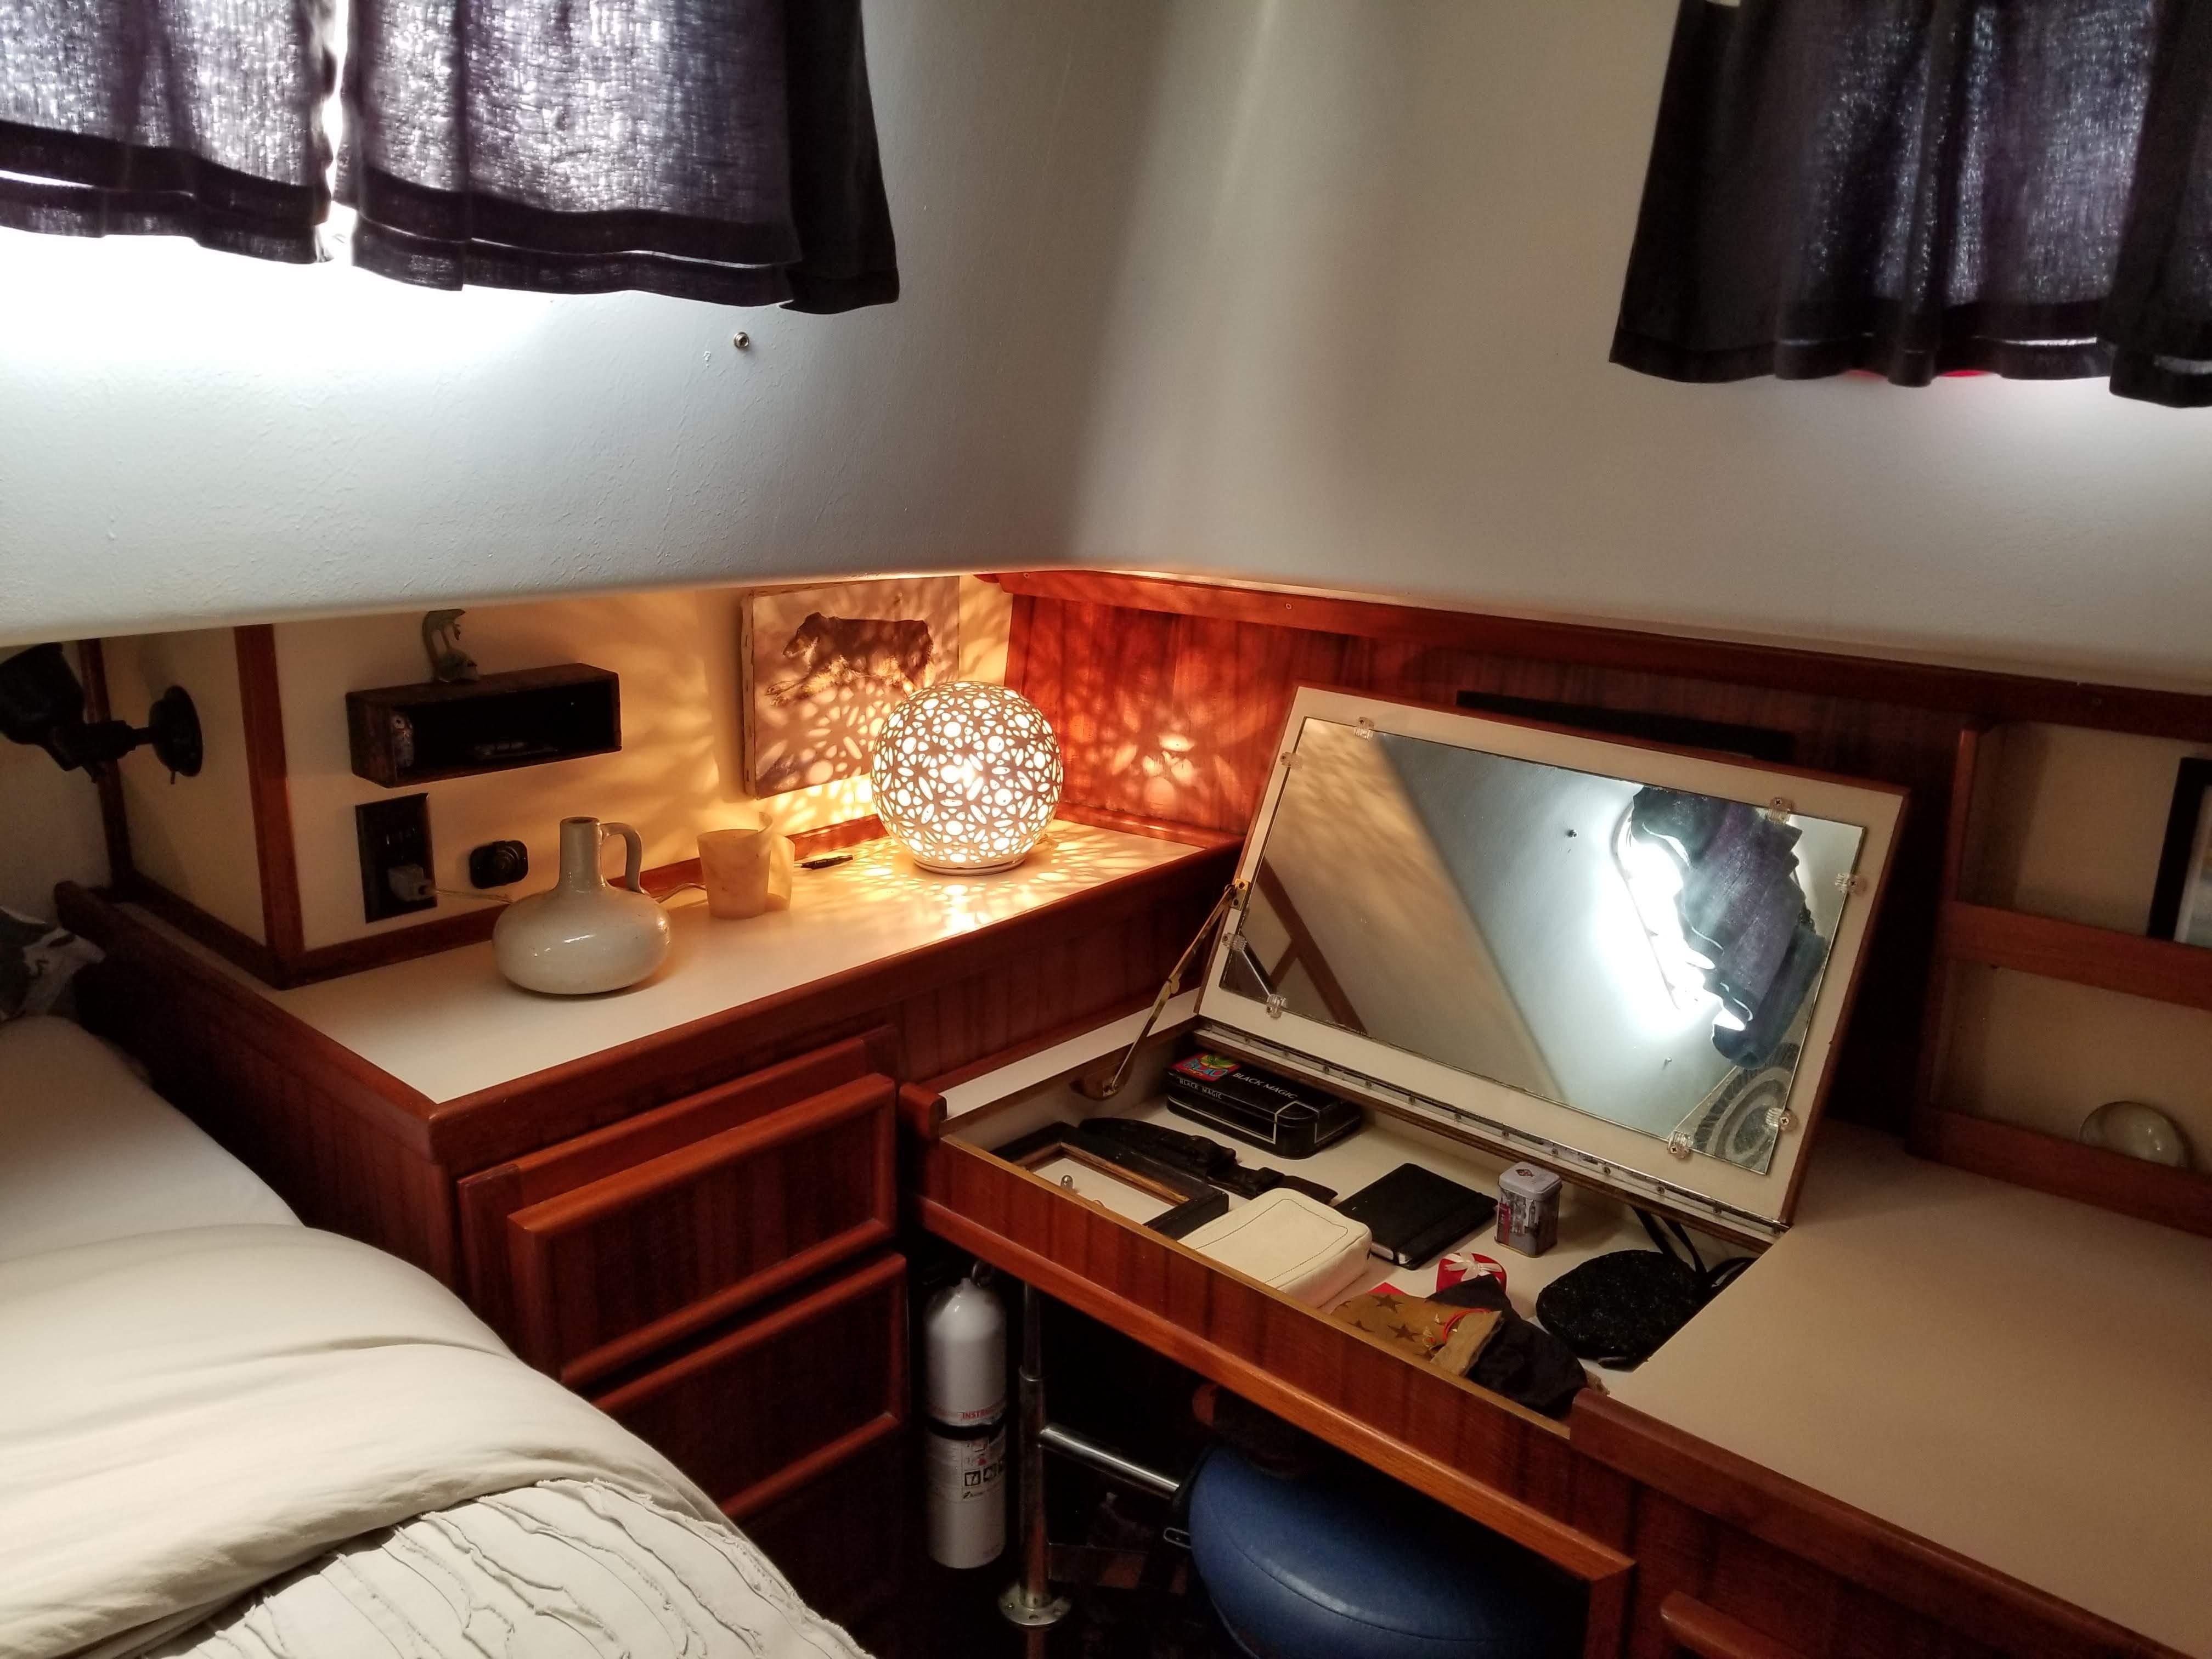 Prairie Boat Works 36 Dual Cabin - Make-up vanity to port